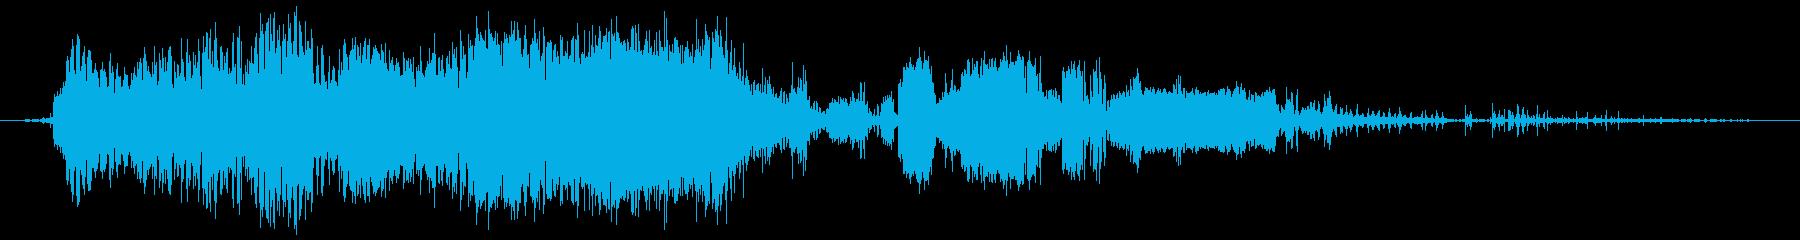 バウンドスパークバーストの再生済みの波形